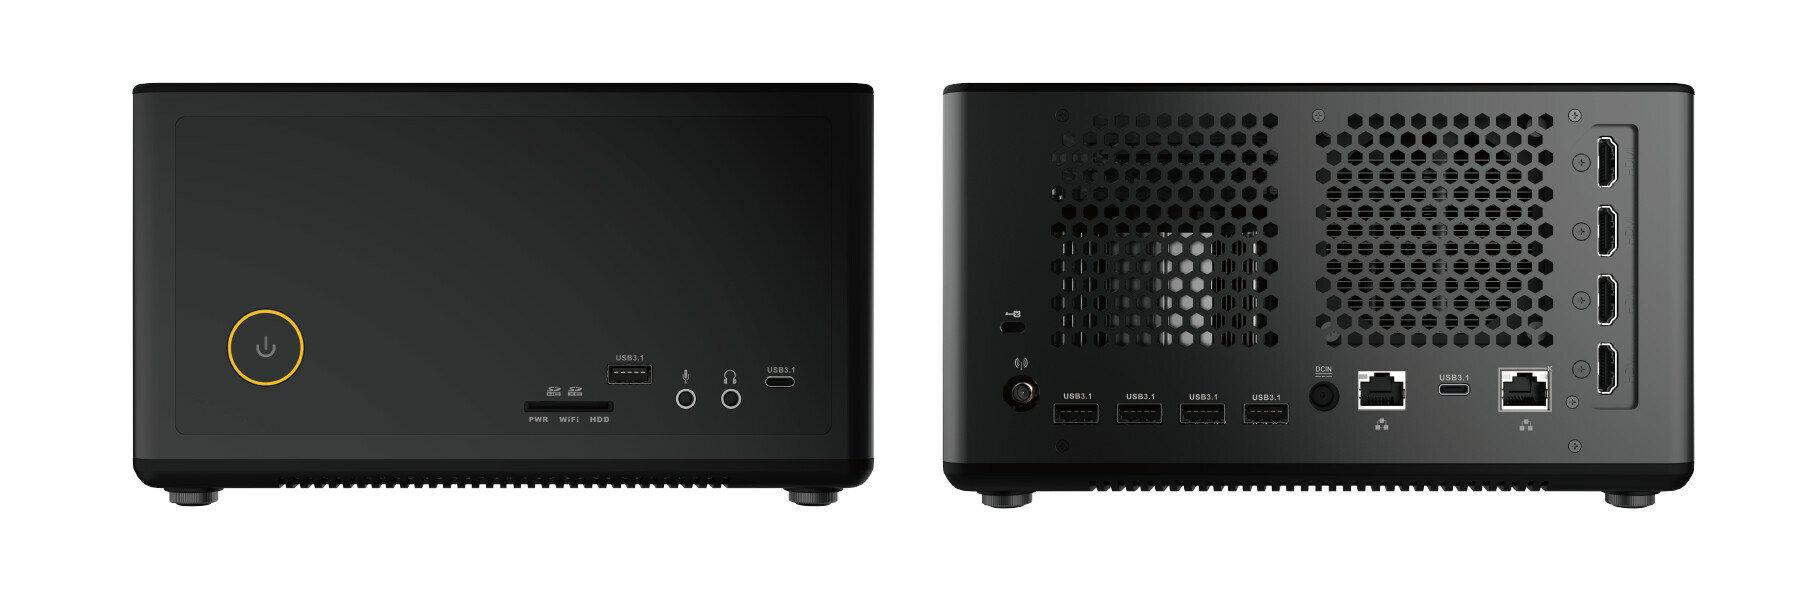 Zotac Zbox Q Xeon